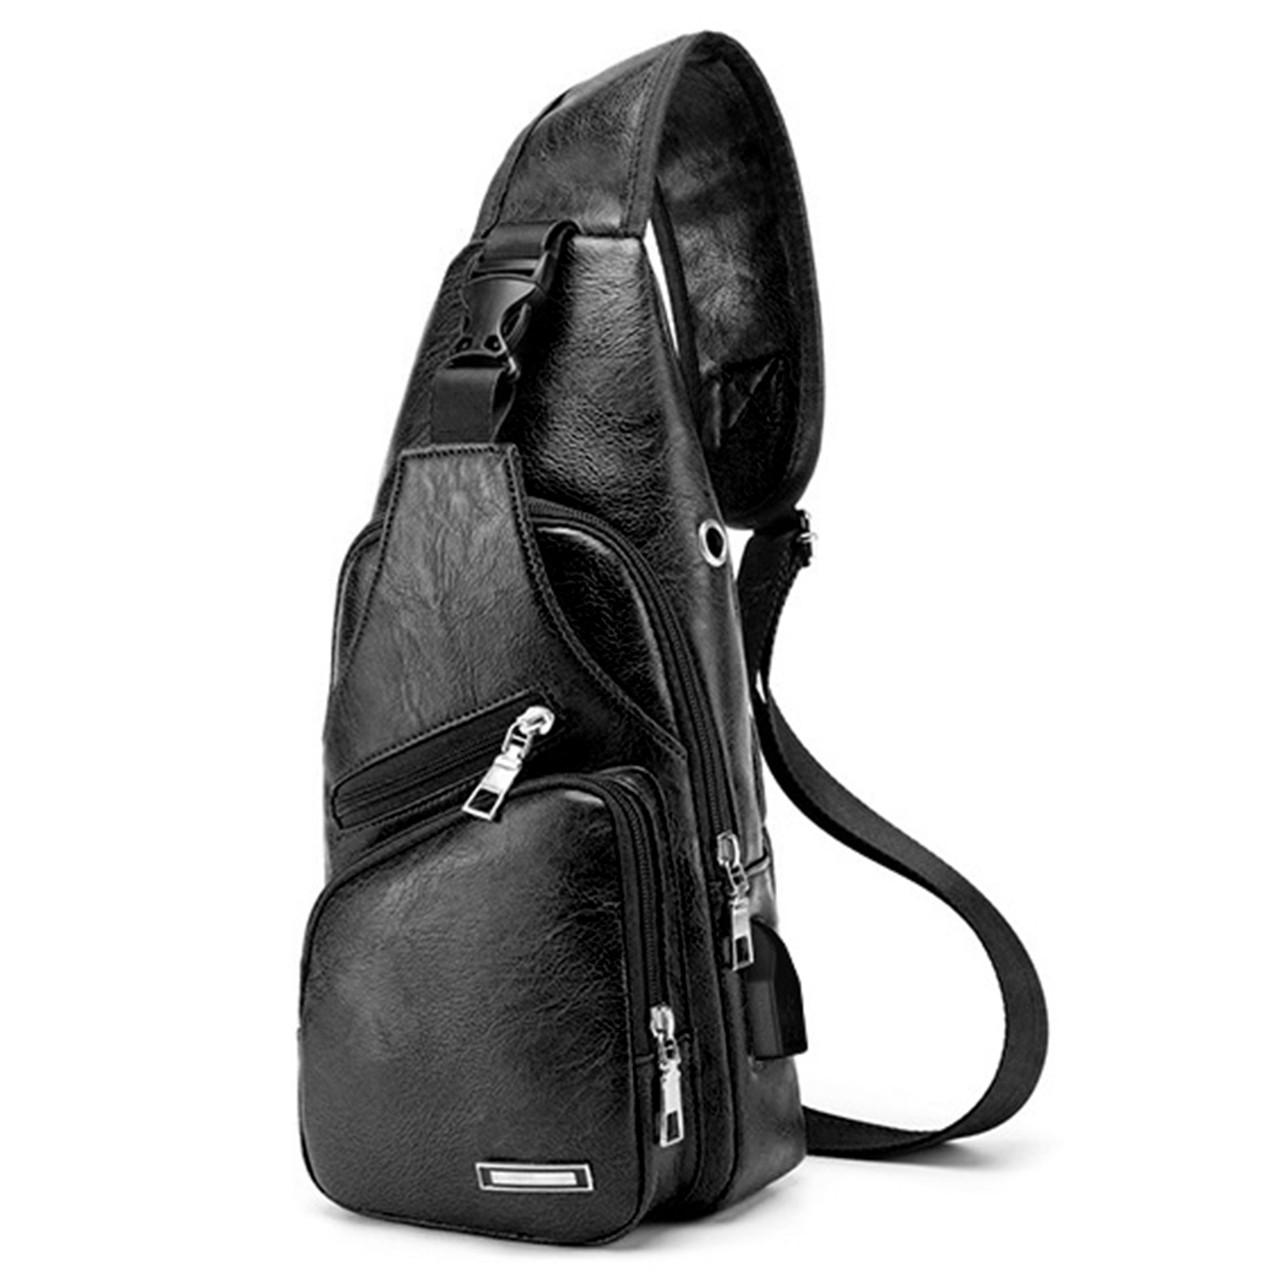 49a417800661 ☆Рюкзак Haodier Jeep Black через плечо городской мужской спортивная сумка с  USB портом - Фактория